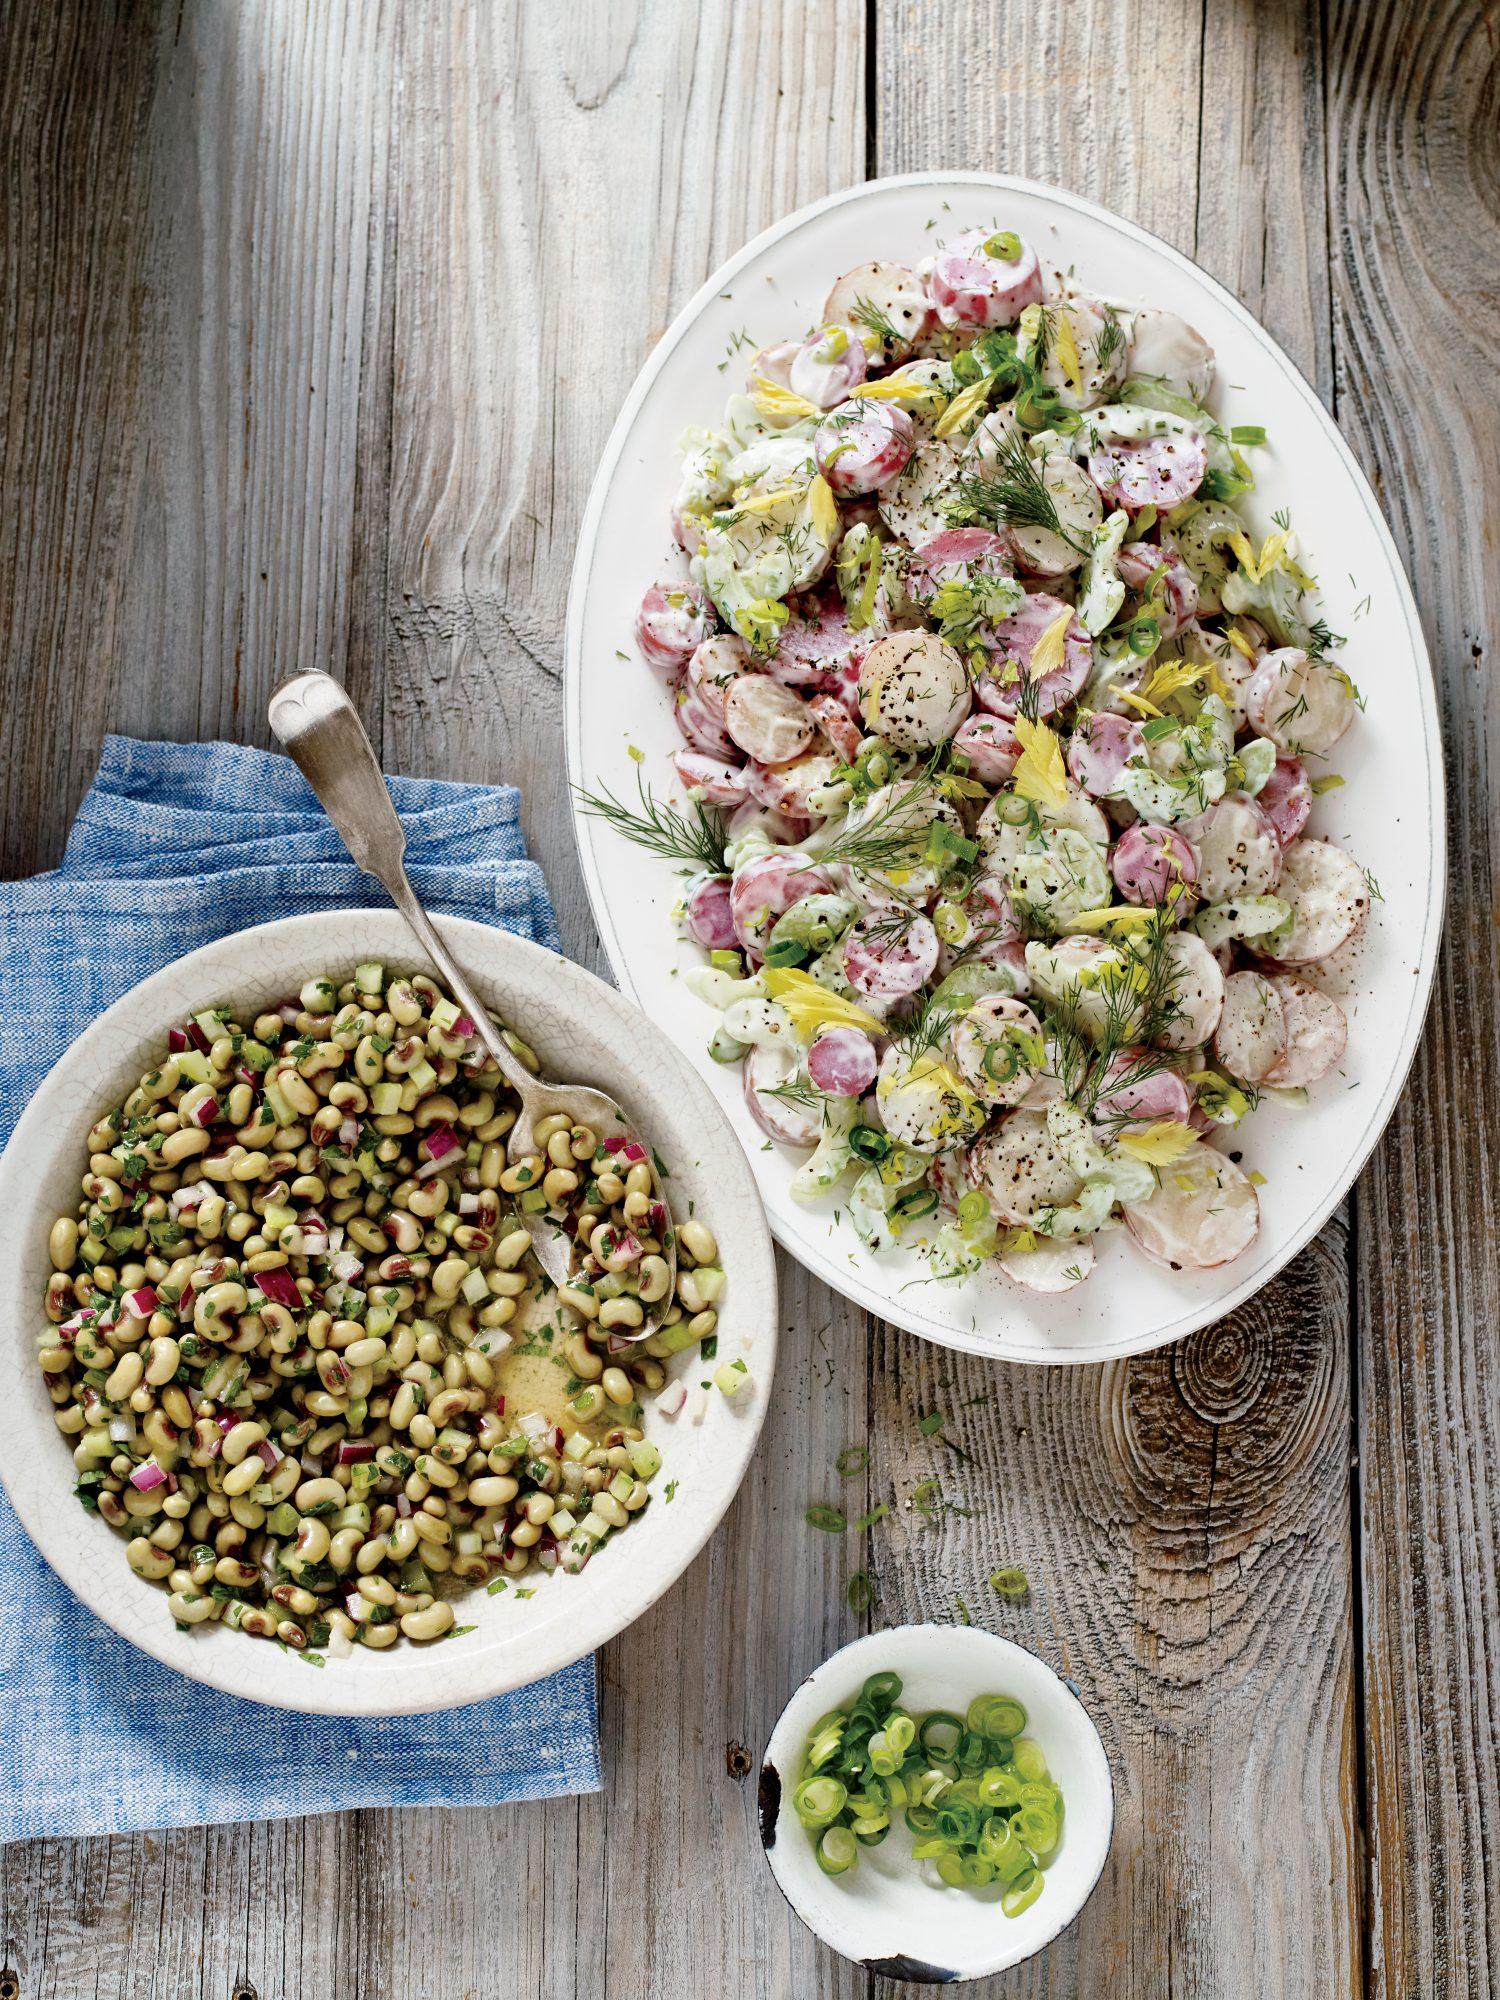 Marinated Field Peas